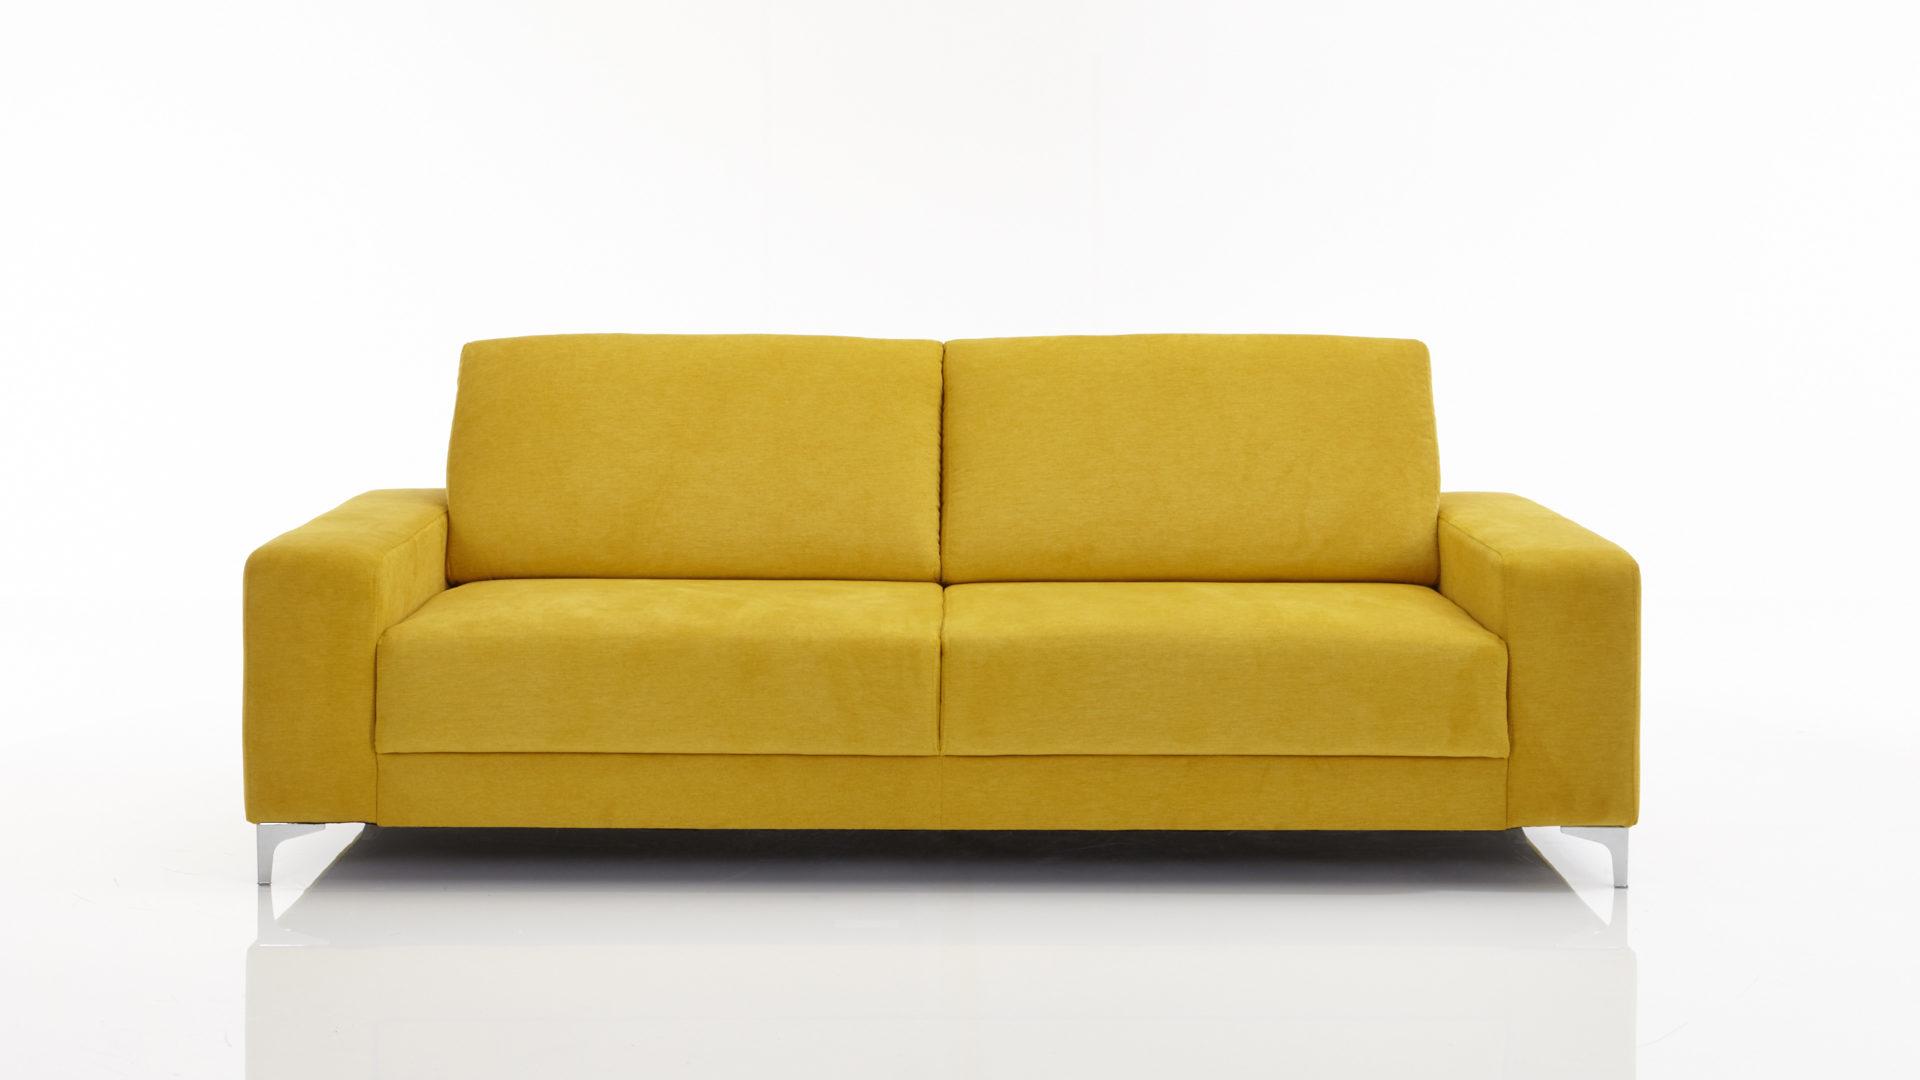 Kawoo 25 Sitzer Color 2 Sofa Und Polstermöbel Mustardfarbener